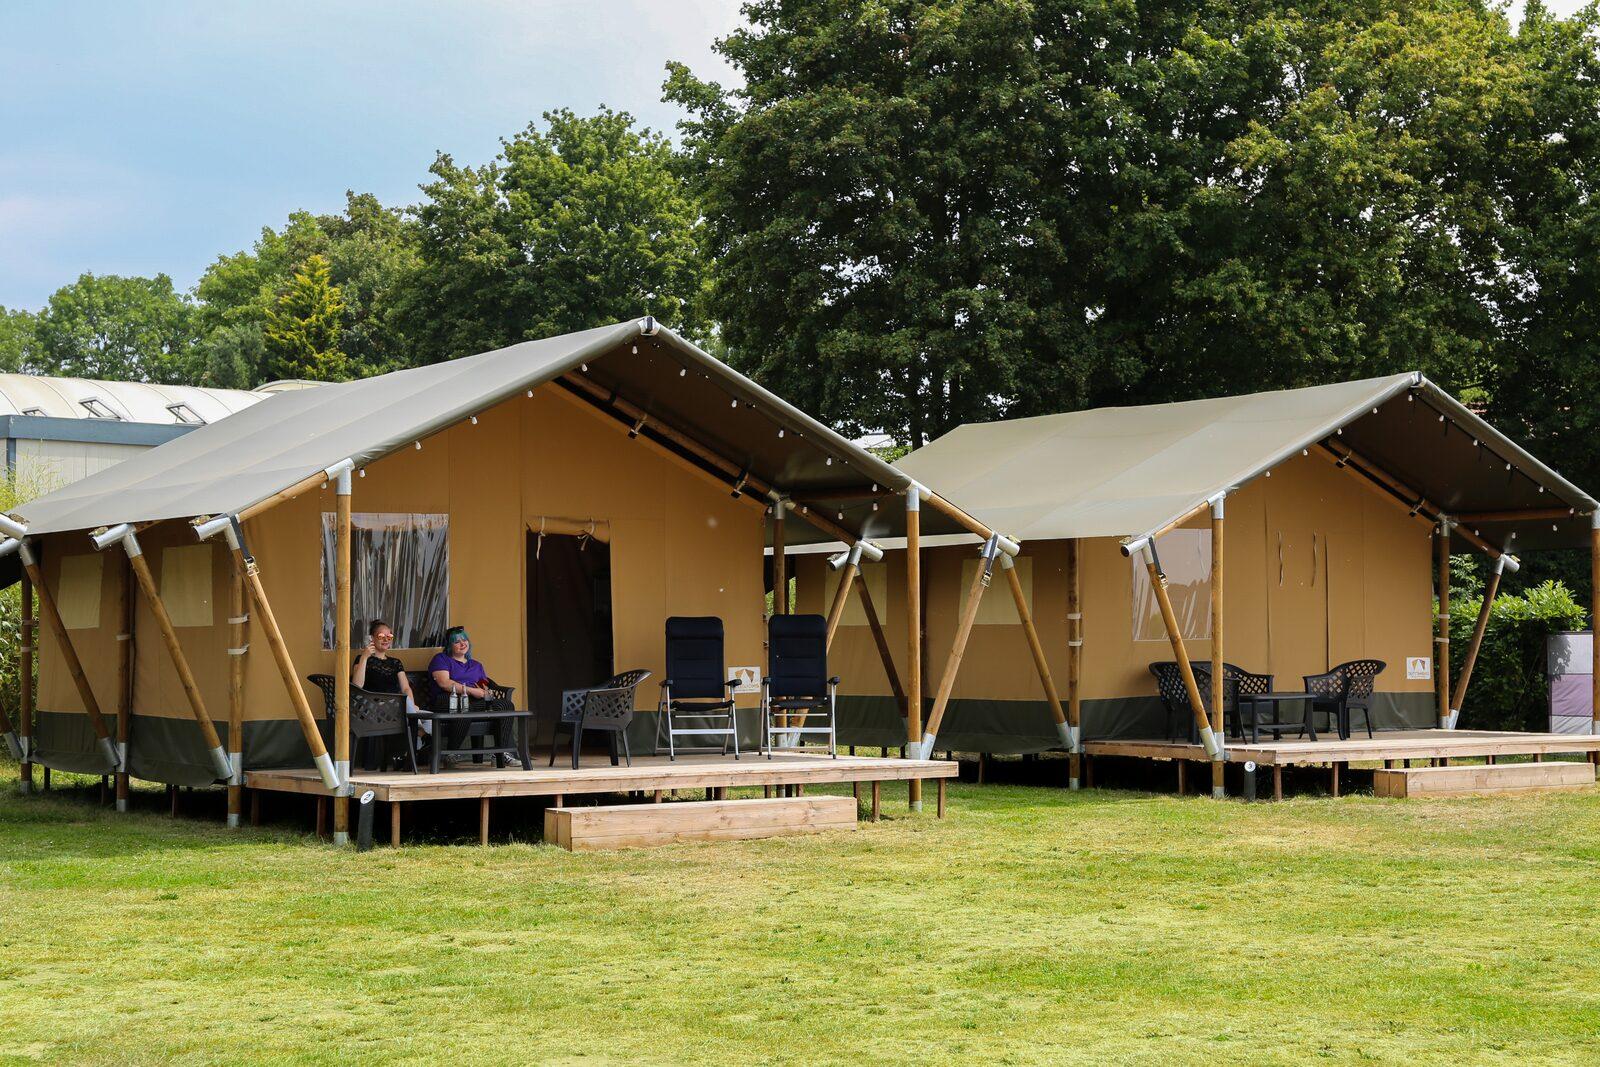 Safari tent 6 person with bathroom